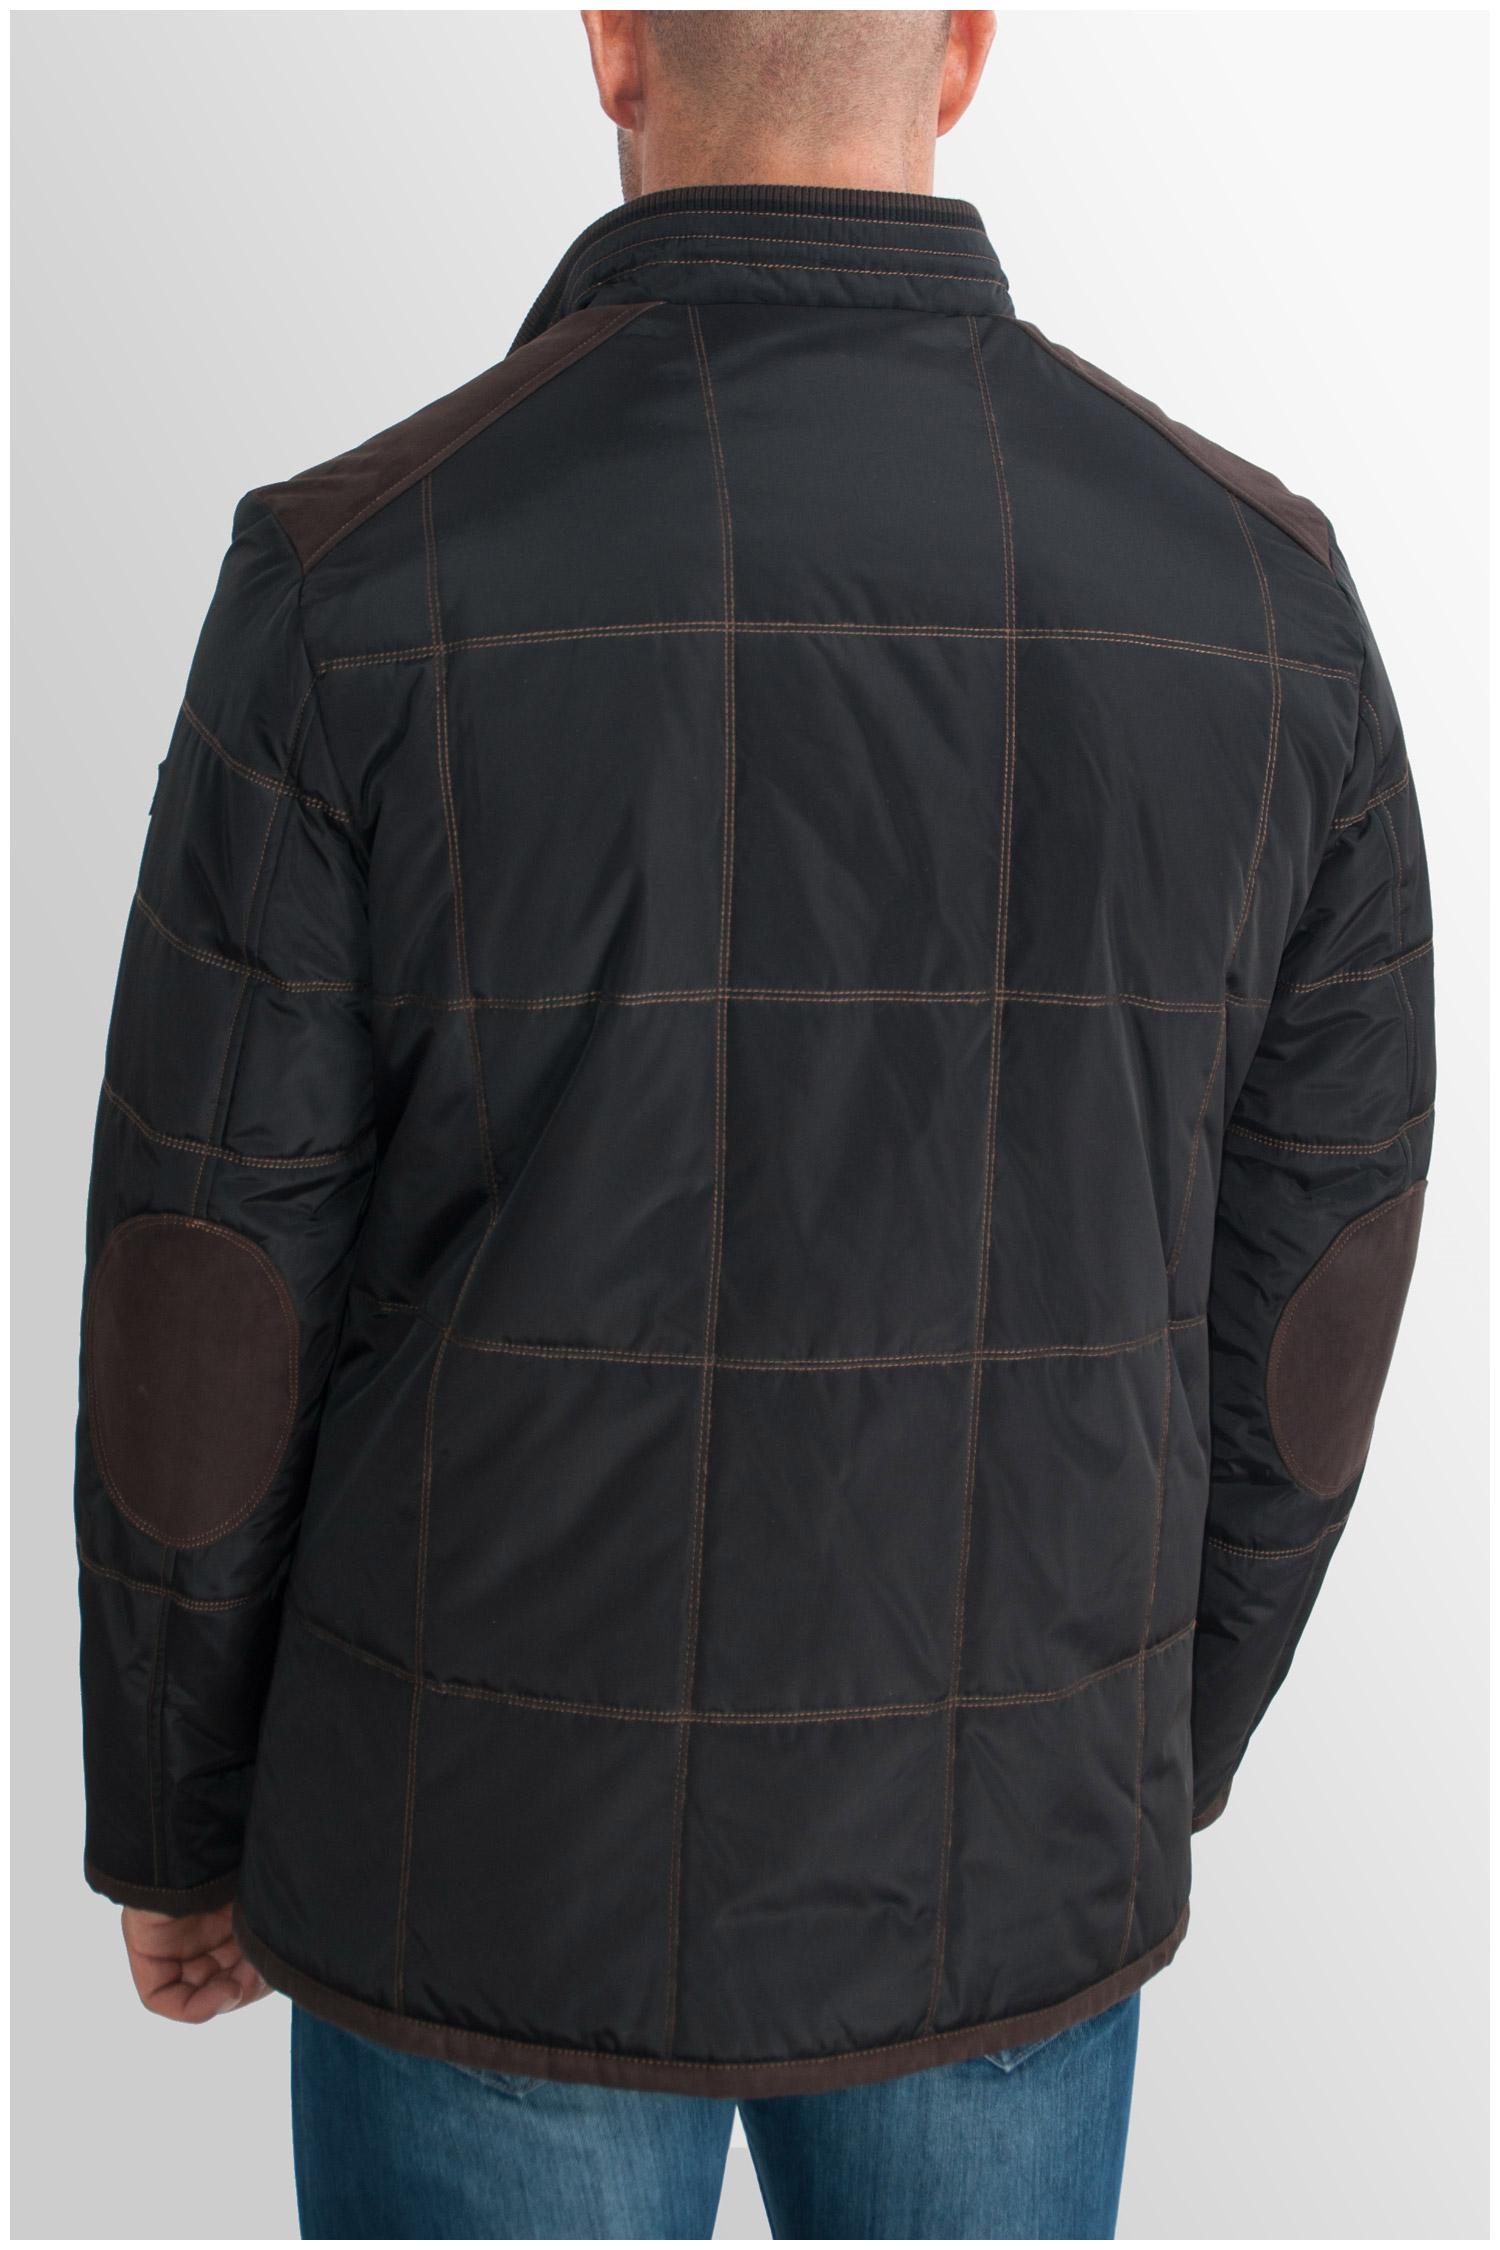 Abrigo, Chaquetones y Piel, 107565, NEGRO | Zoom